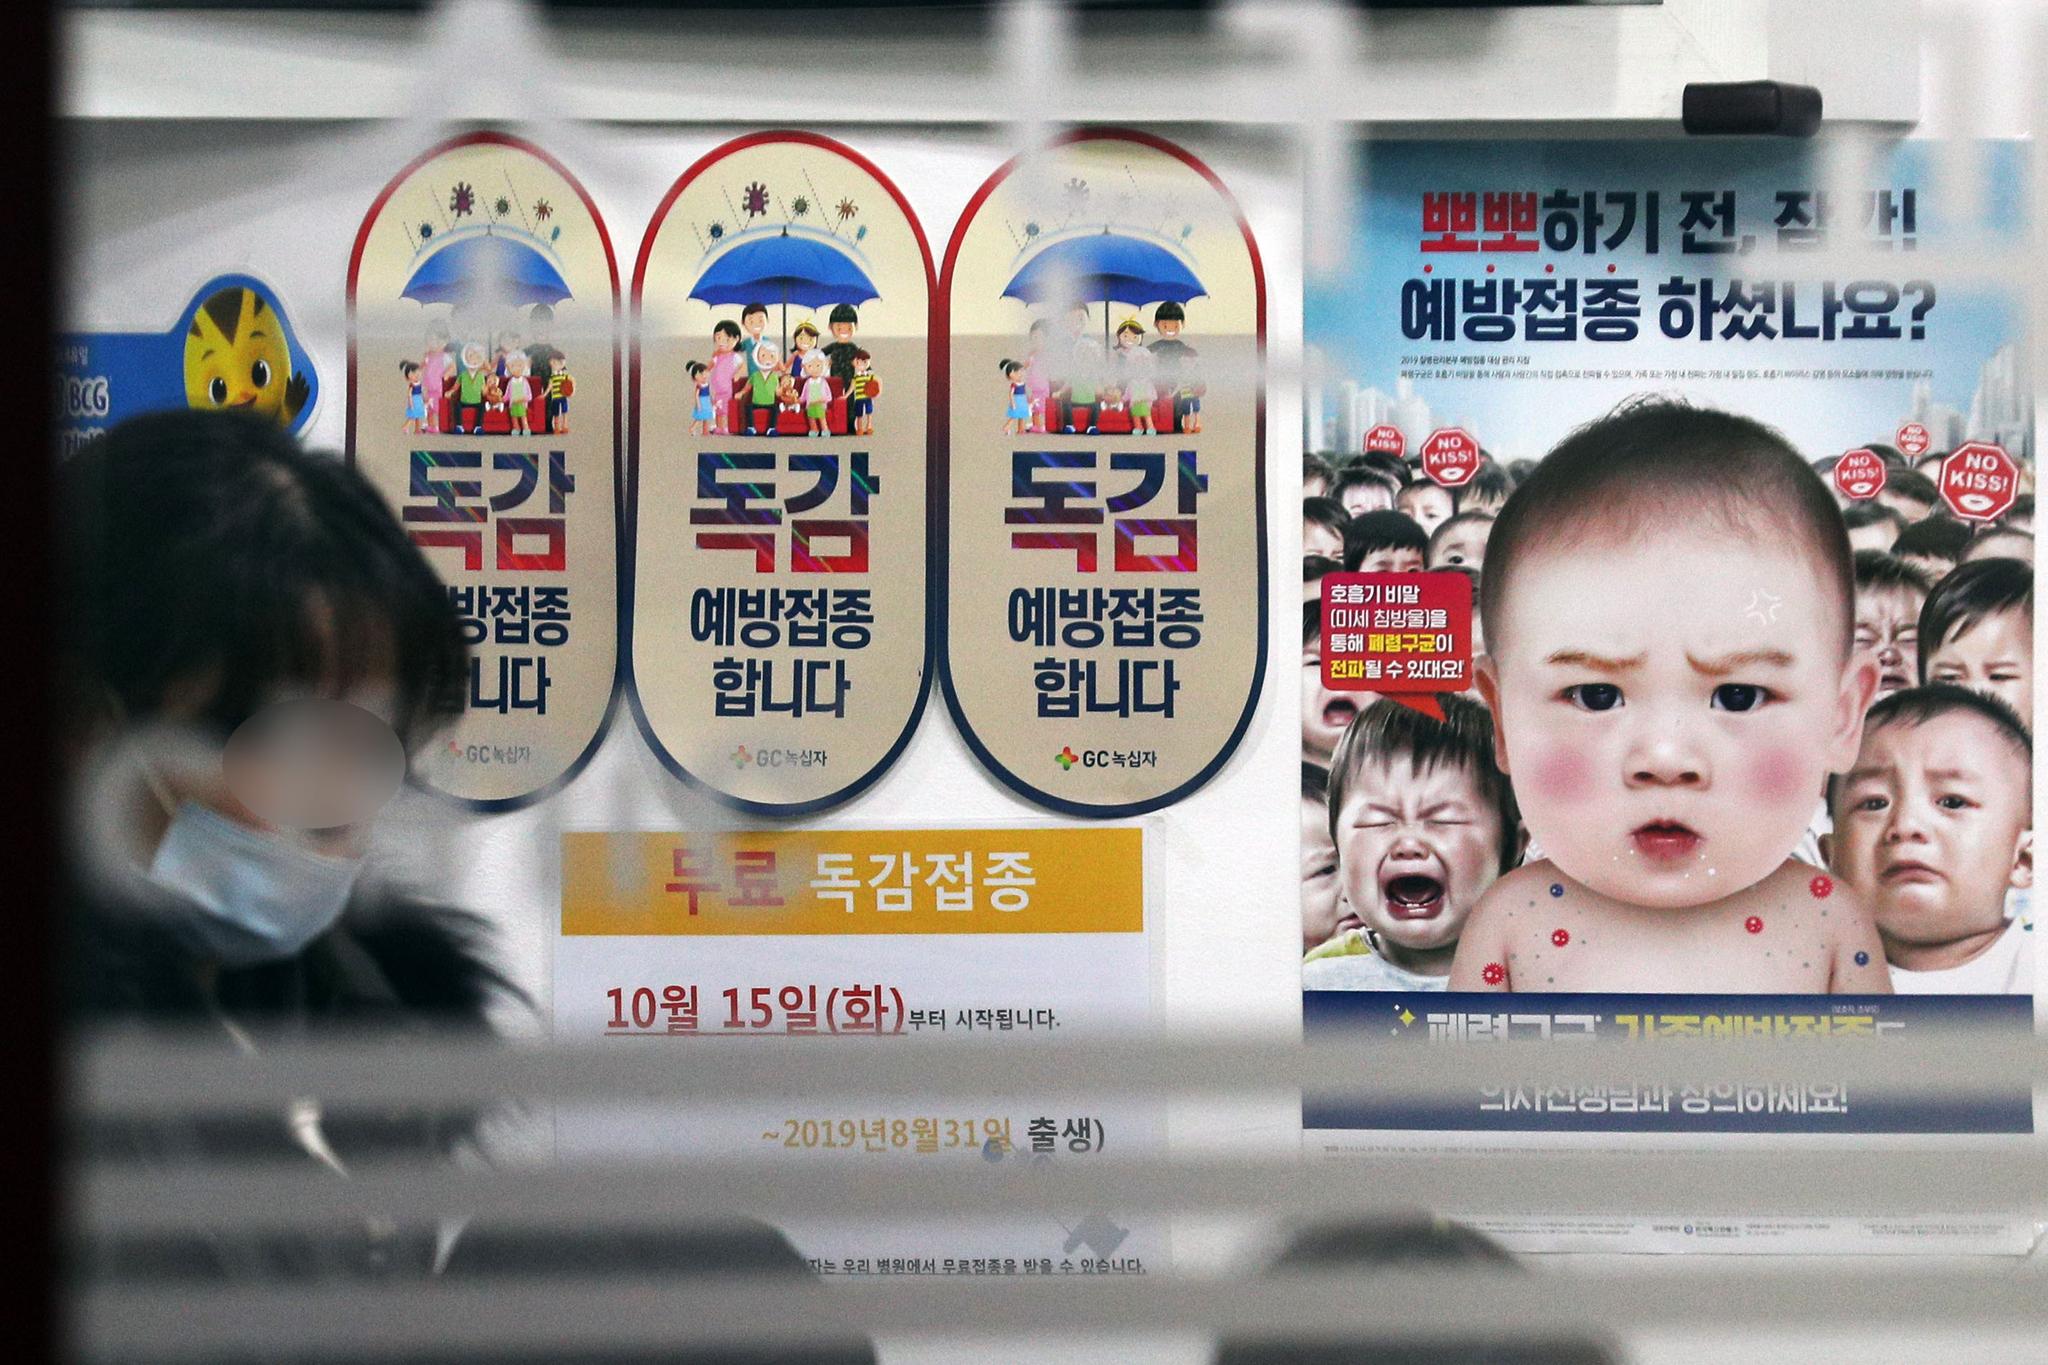 지난 1월 서울 시내 한 병원에 독감 예방접종 안내문이 걸려있다.뉴스1